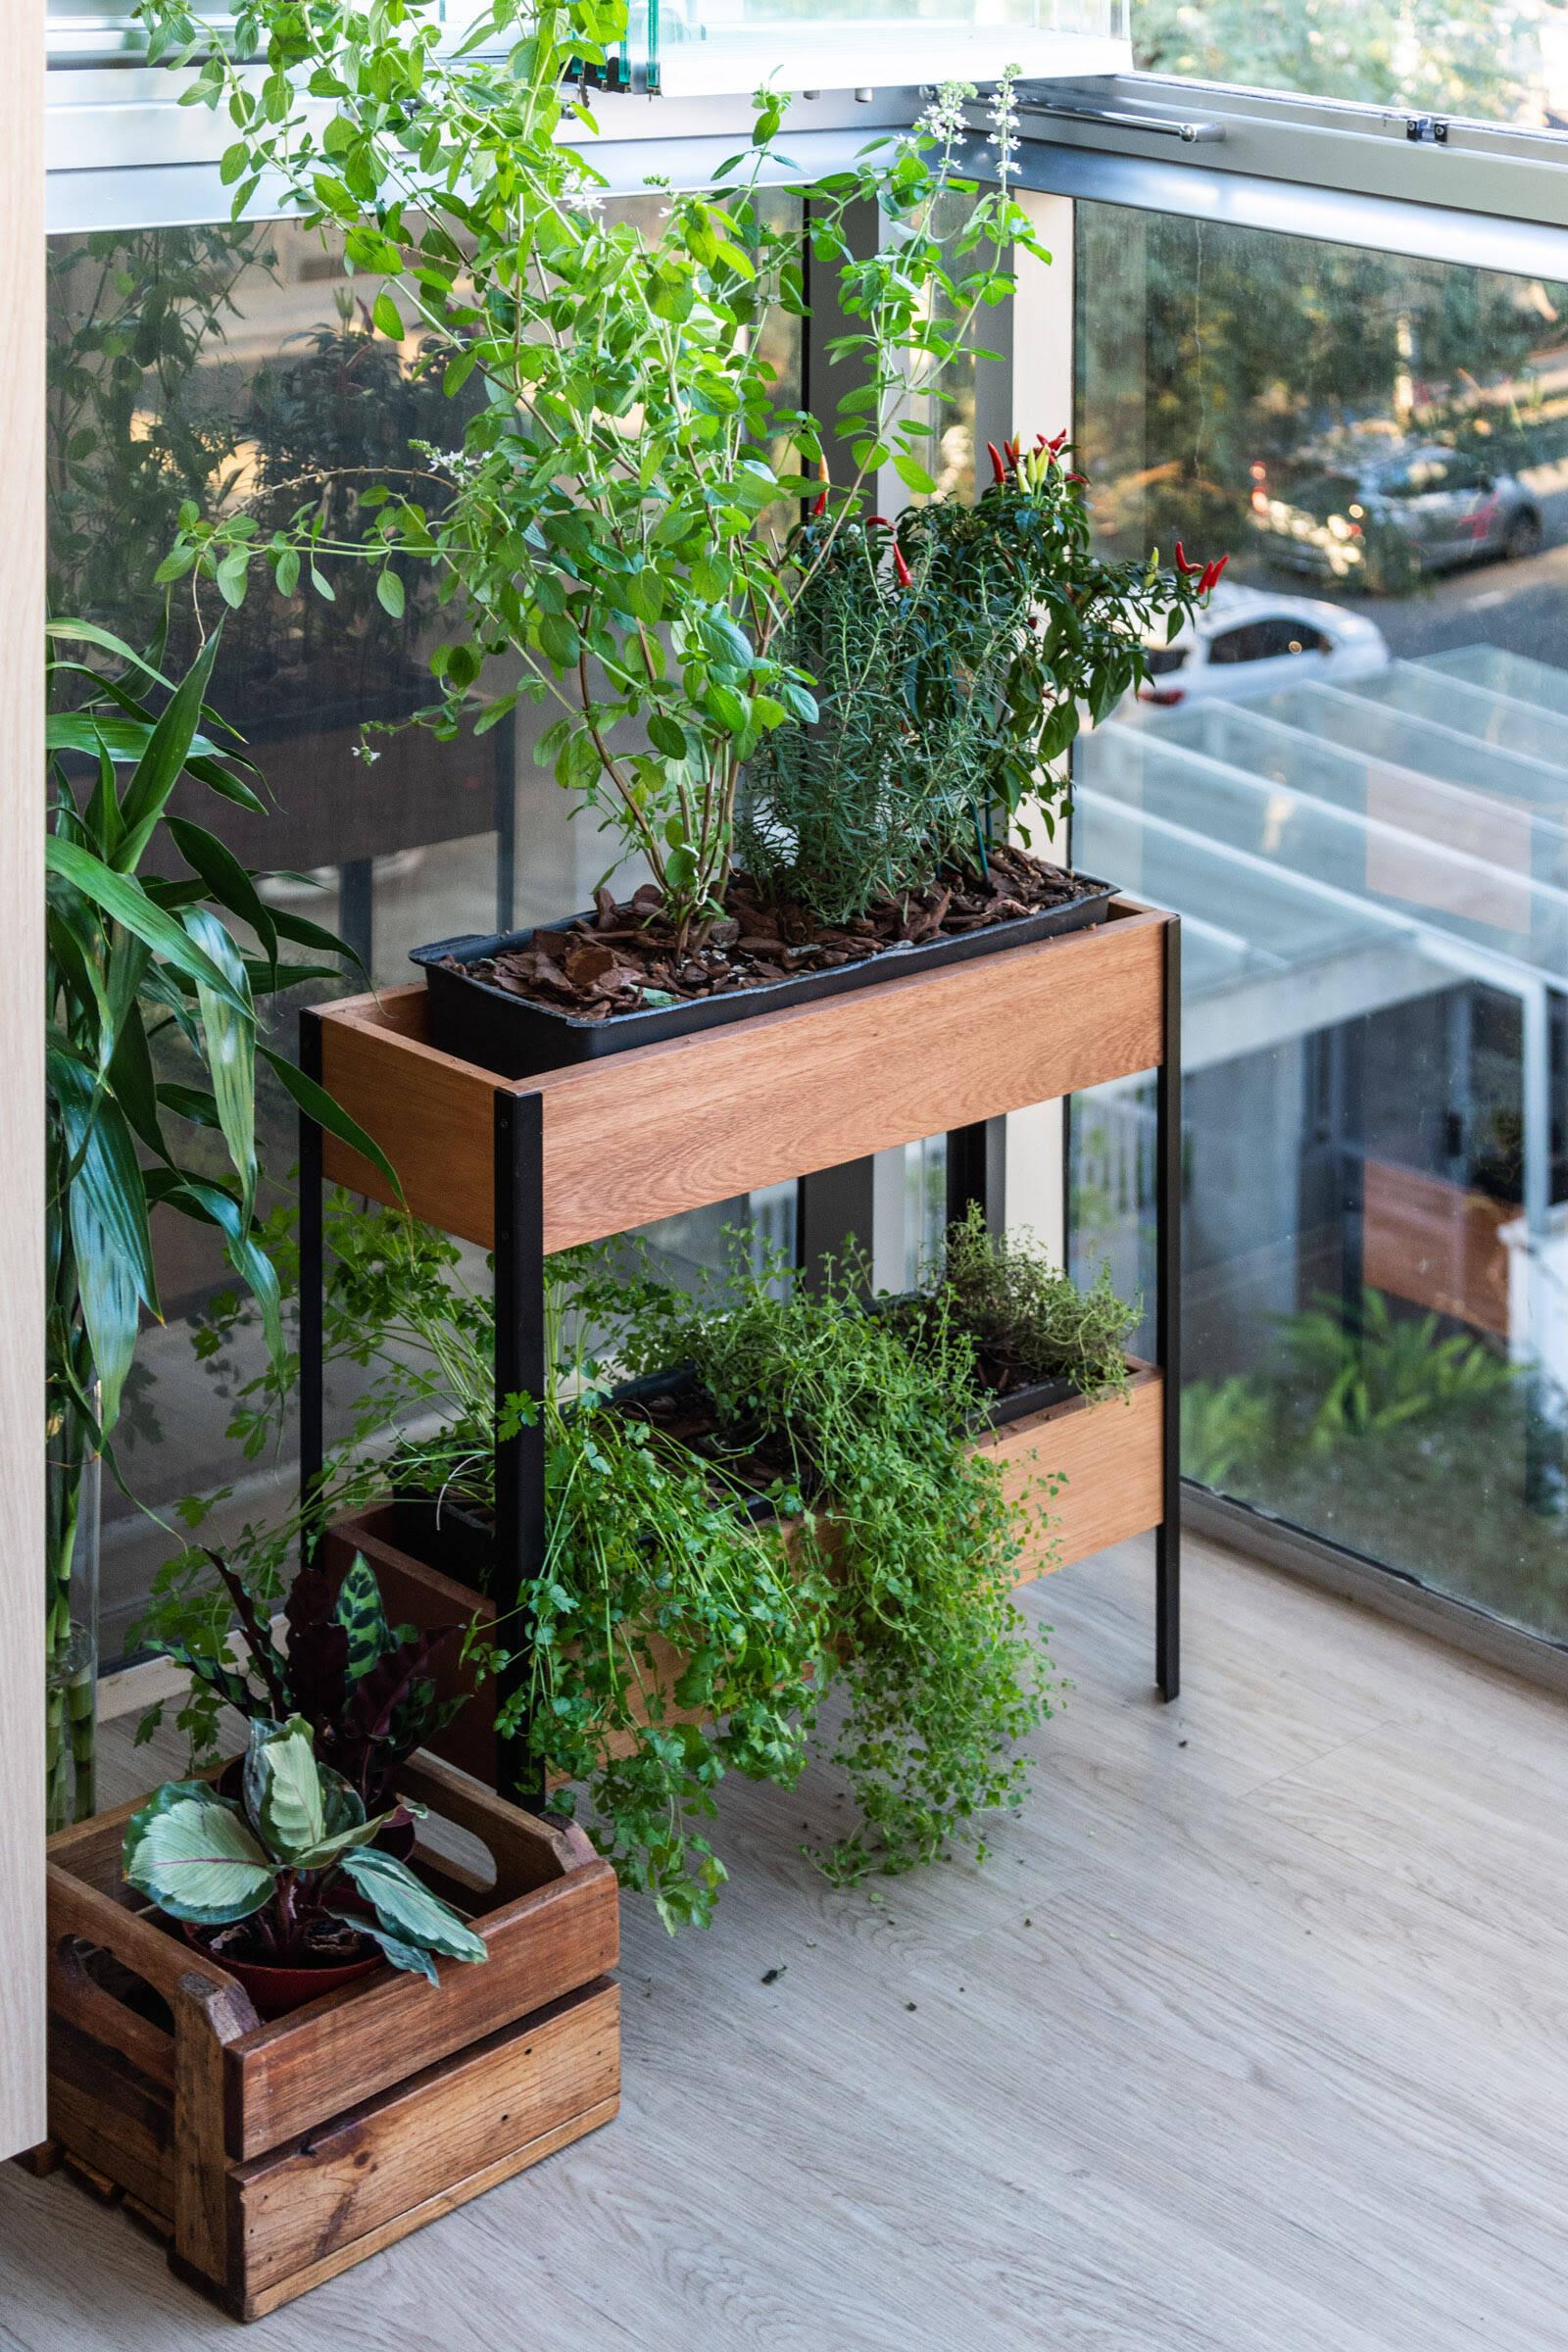 Tudo o que você precisa saber antes de cultivar plantas em casa